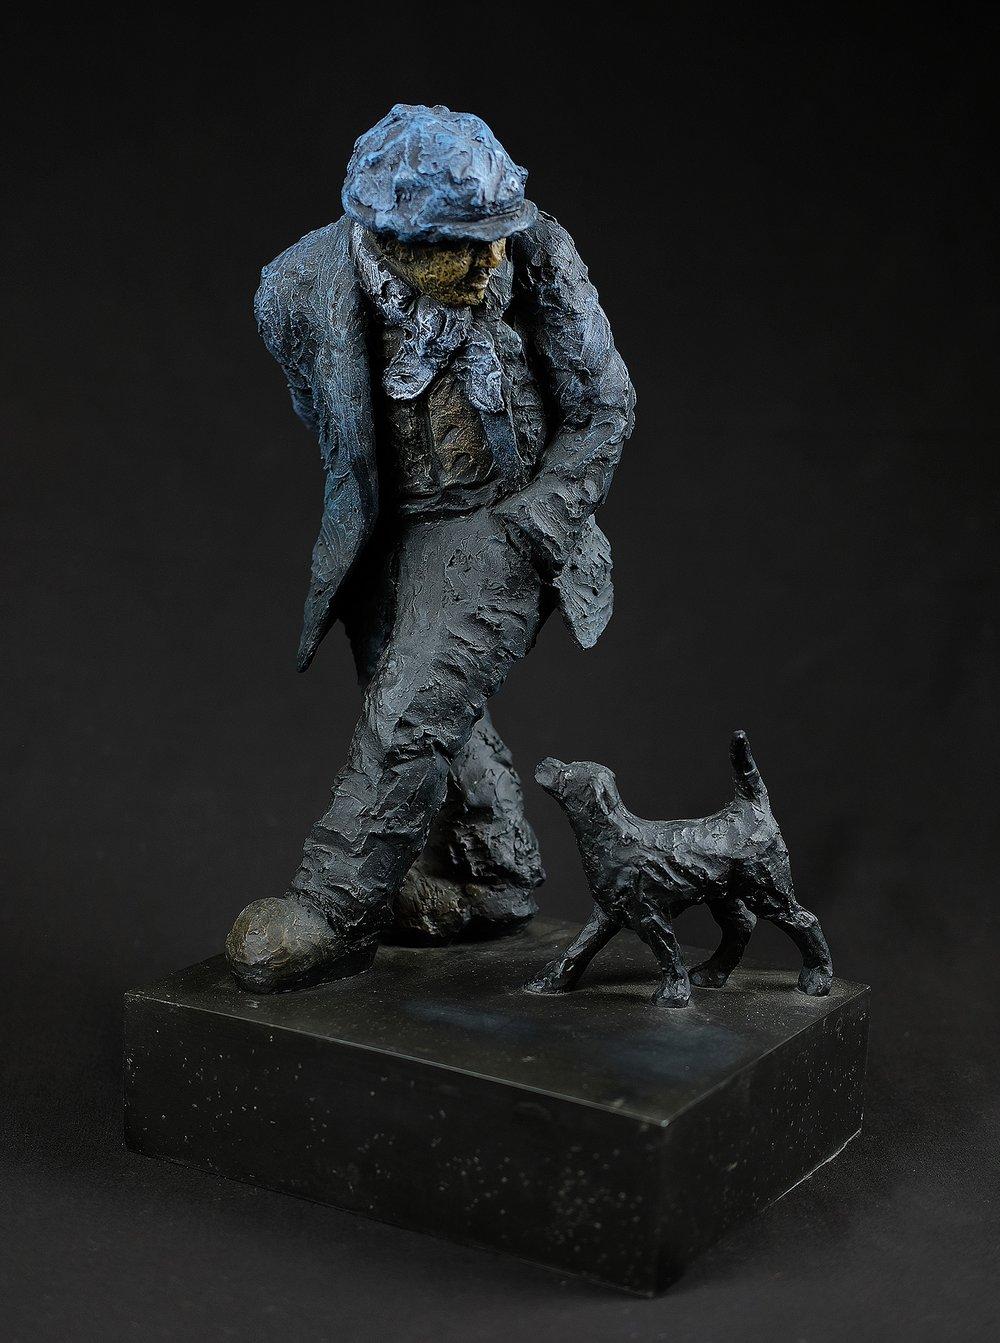 Image of ALEXANDER MILLER 'SURPRISE, SURPRISE' - MAN AND DOG LTD ED. SCULPTURE